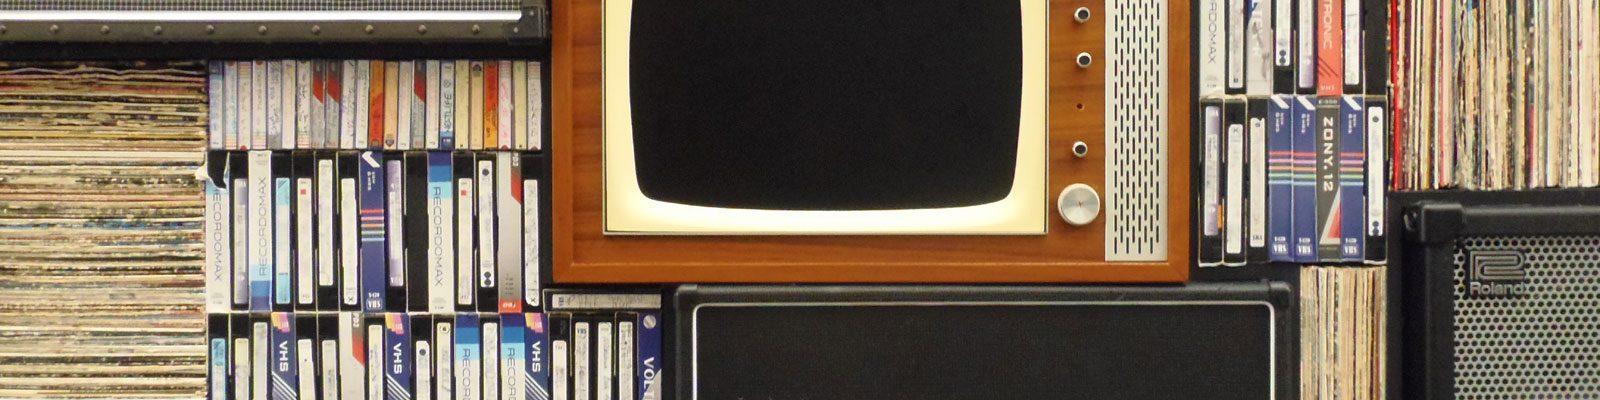 Televisión y vídeos